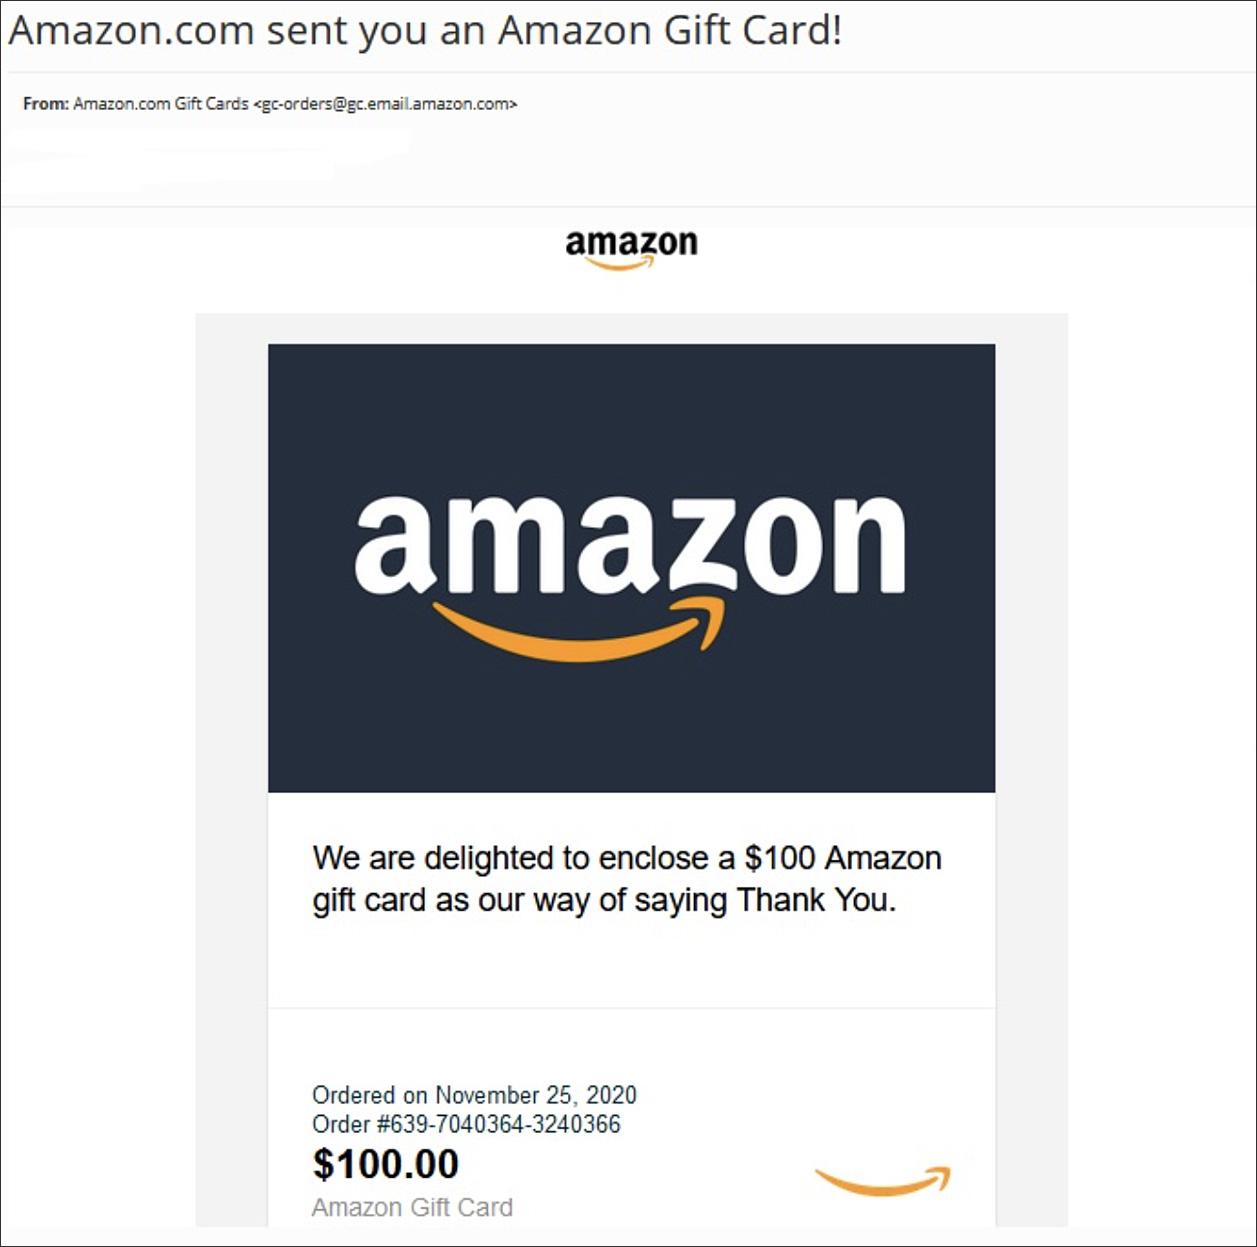 网络钓鱼电子邮件以亚马逊礼品卡的形式出现,并传递Dridex恶意软件